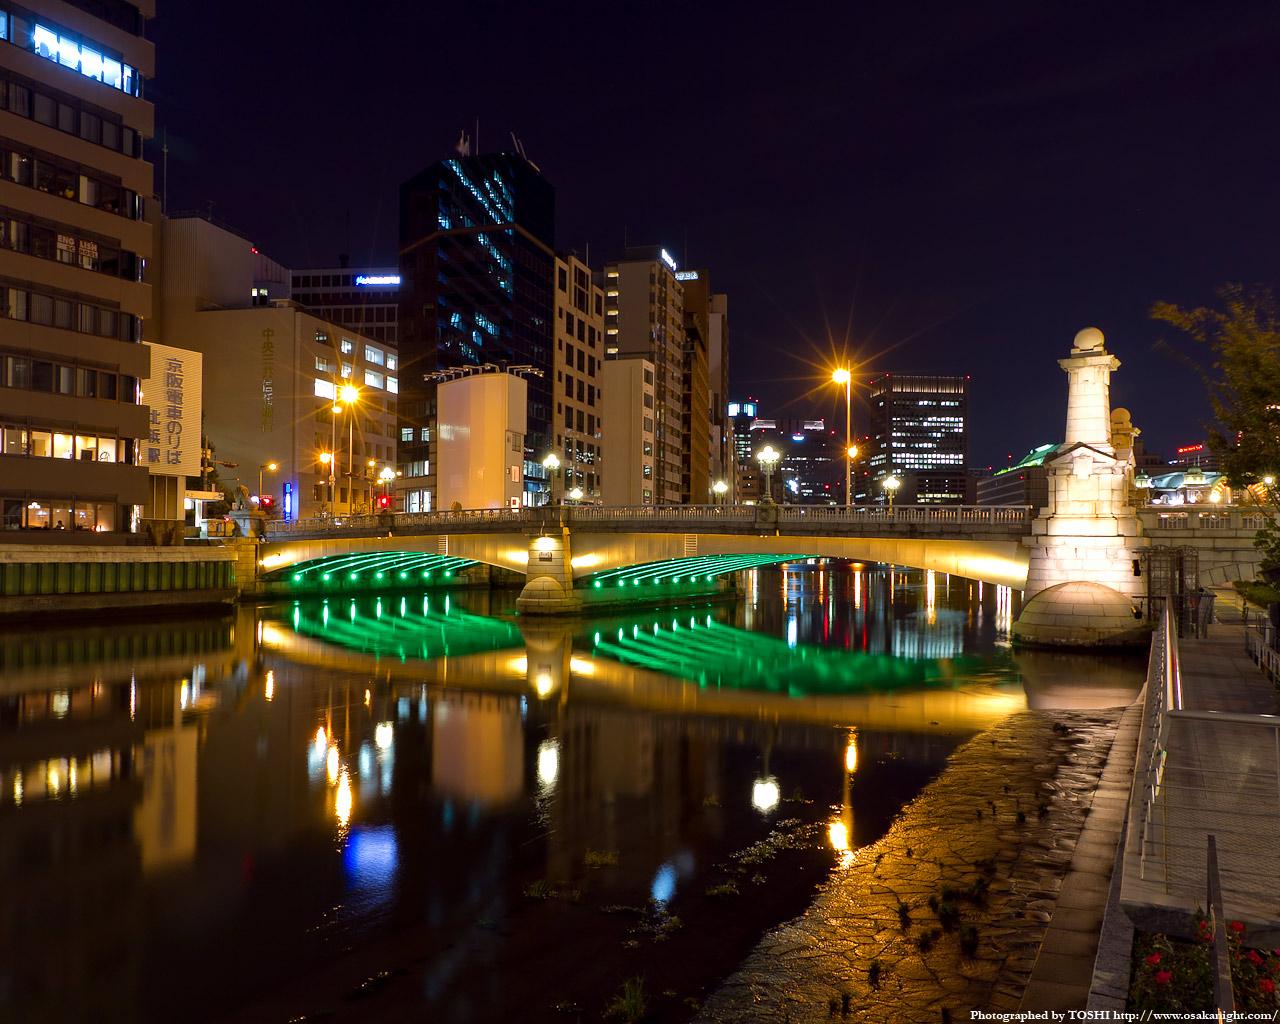 難波橋のライトアップ夜景2